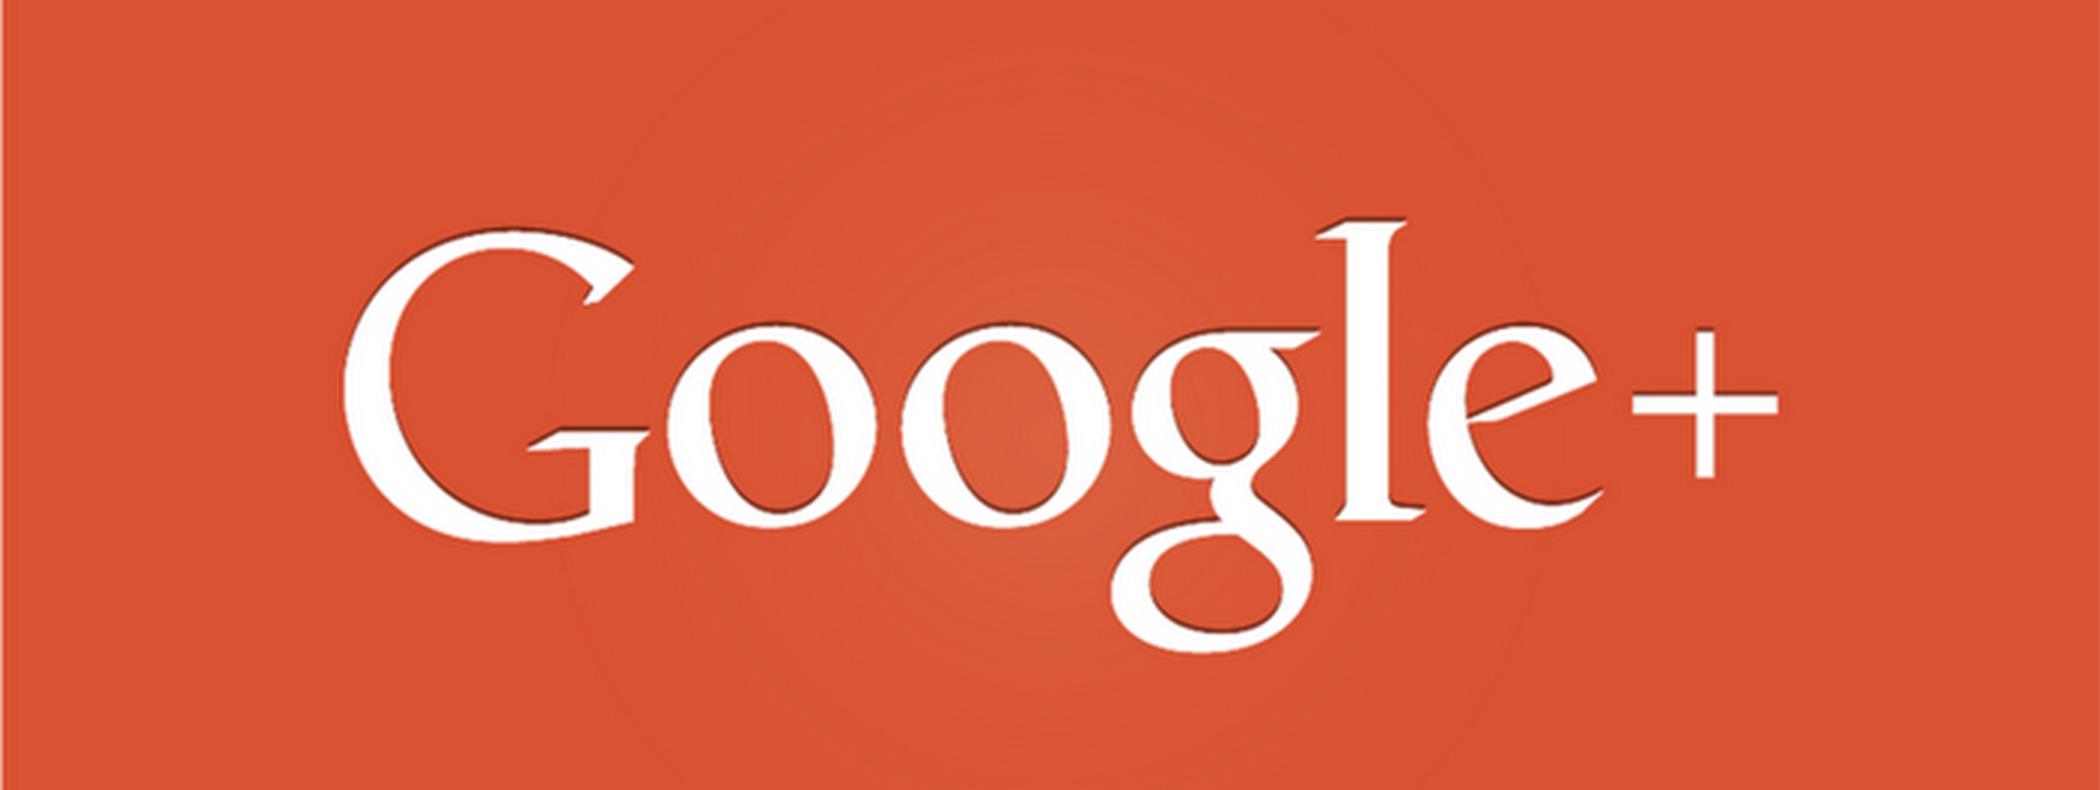 """""""Ogni cosa al giusto posto"""" il riposizionamento Google Plus"""